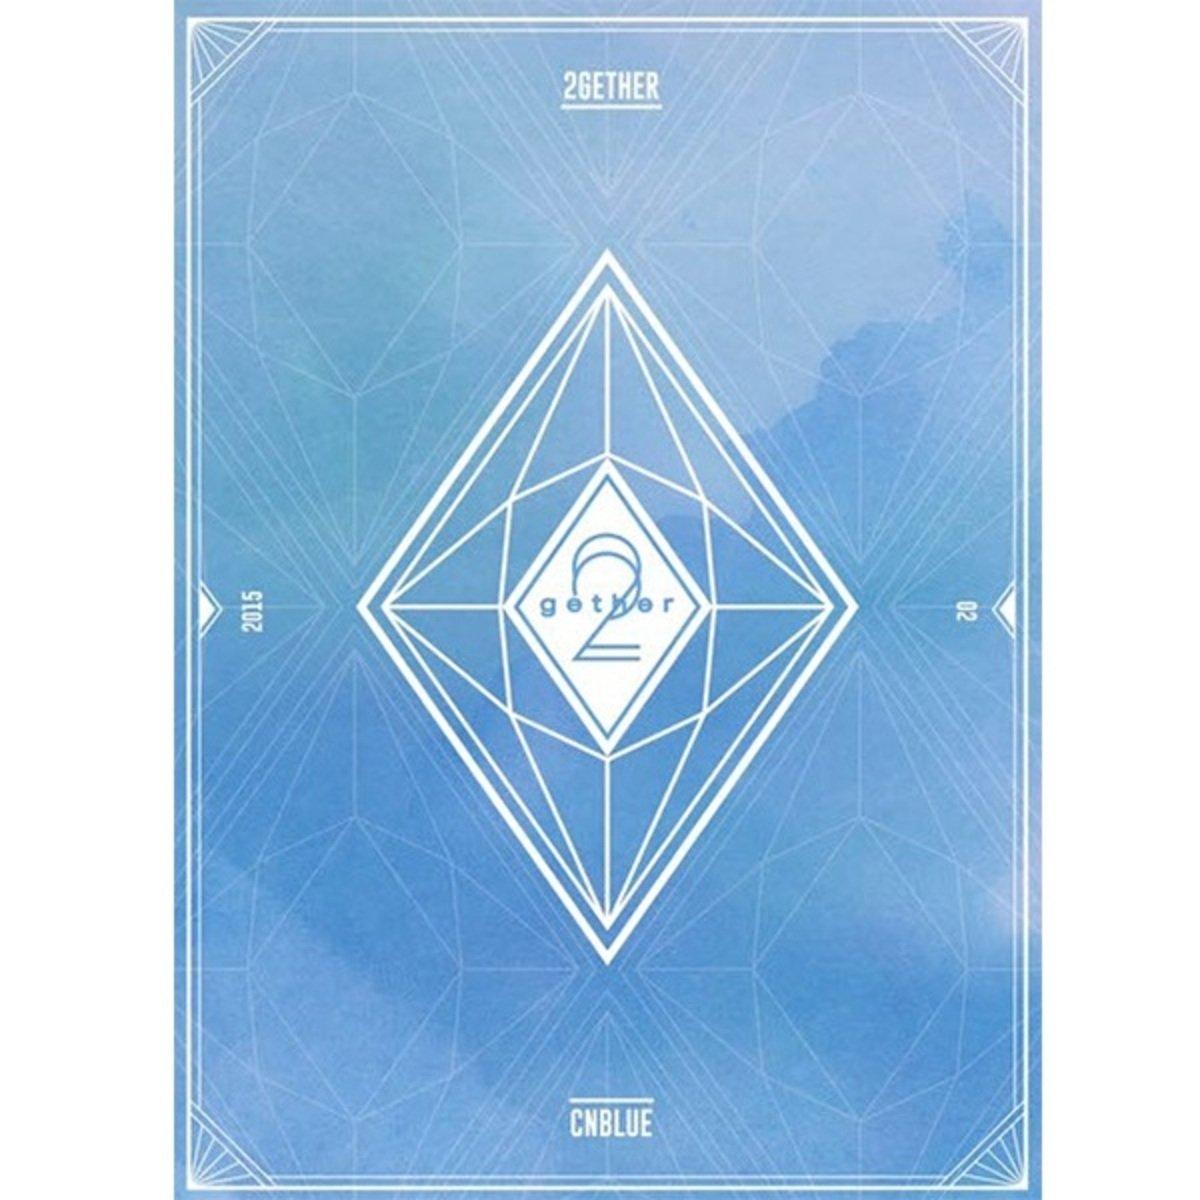 CNBLUE - Album Vol.2 [2gether] B Ver._GD00021345